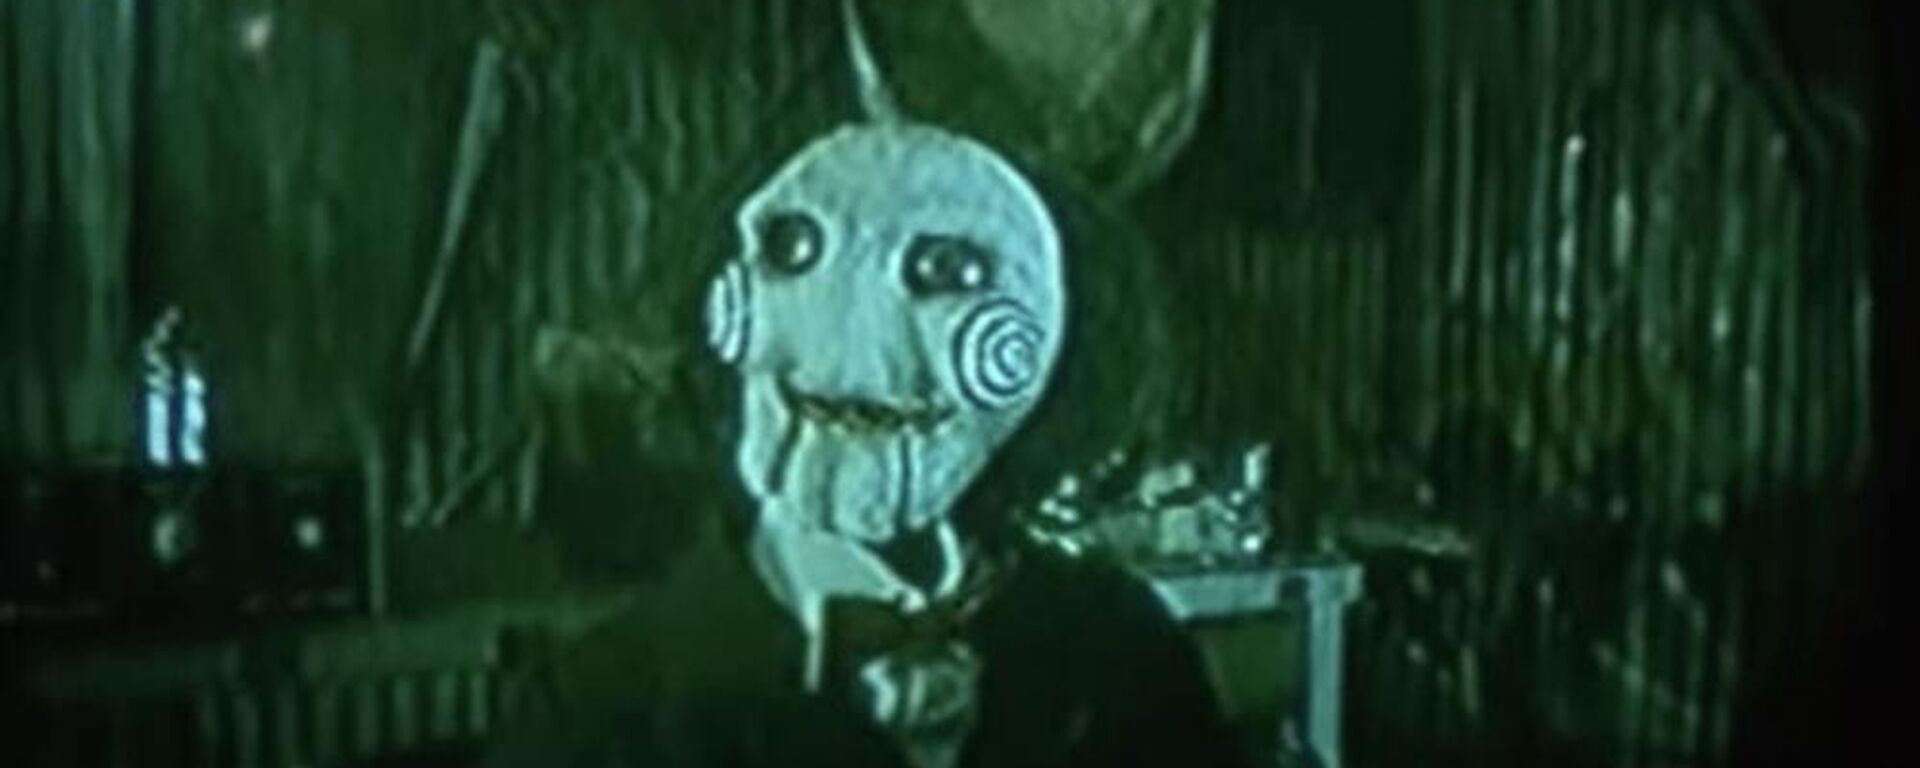 Σκηνή από την ταινία τρόμου Saw - Sputnik Ελλάδα, 1920, 15.09.2021